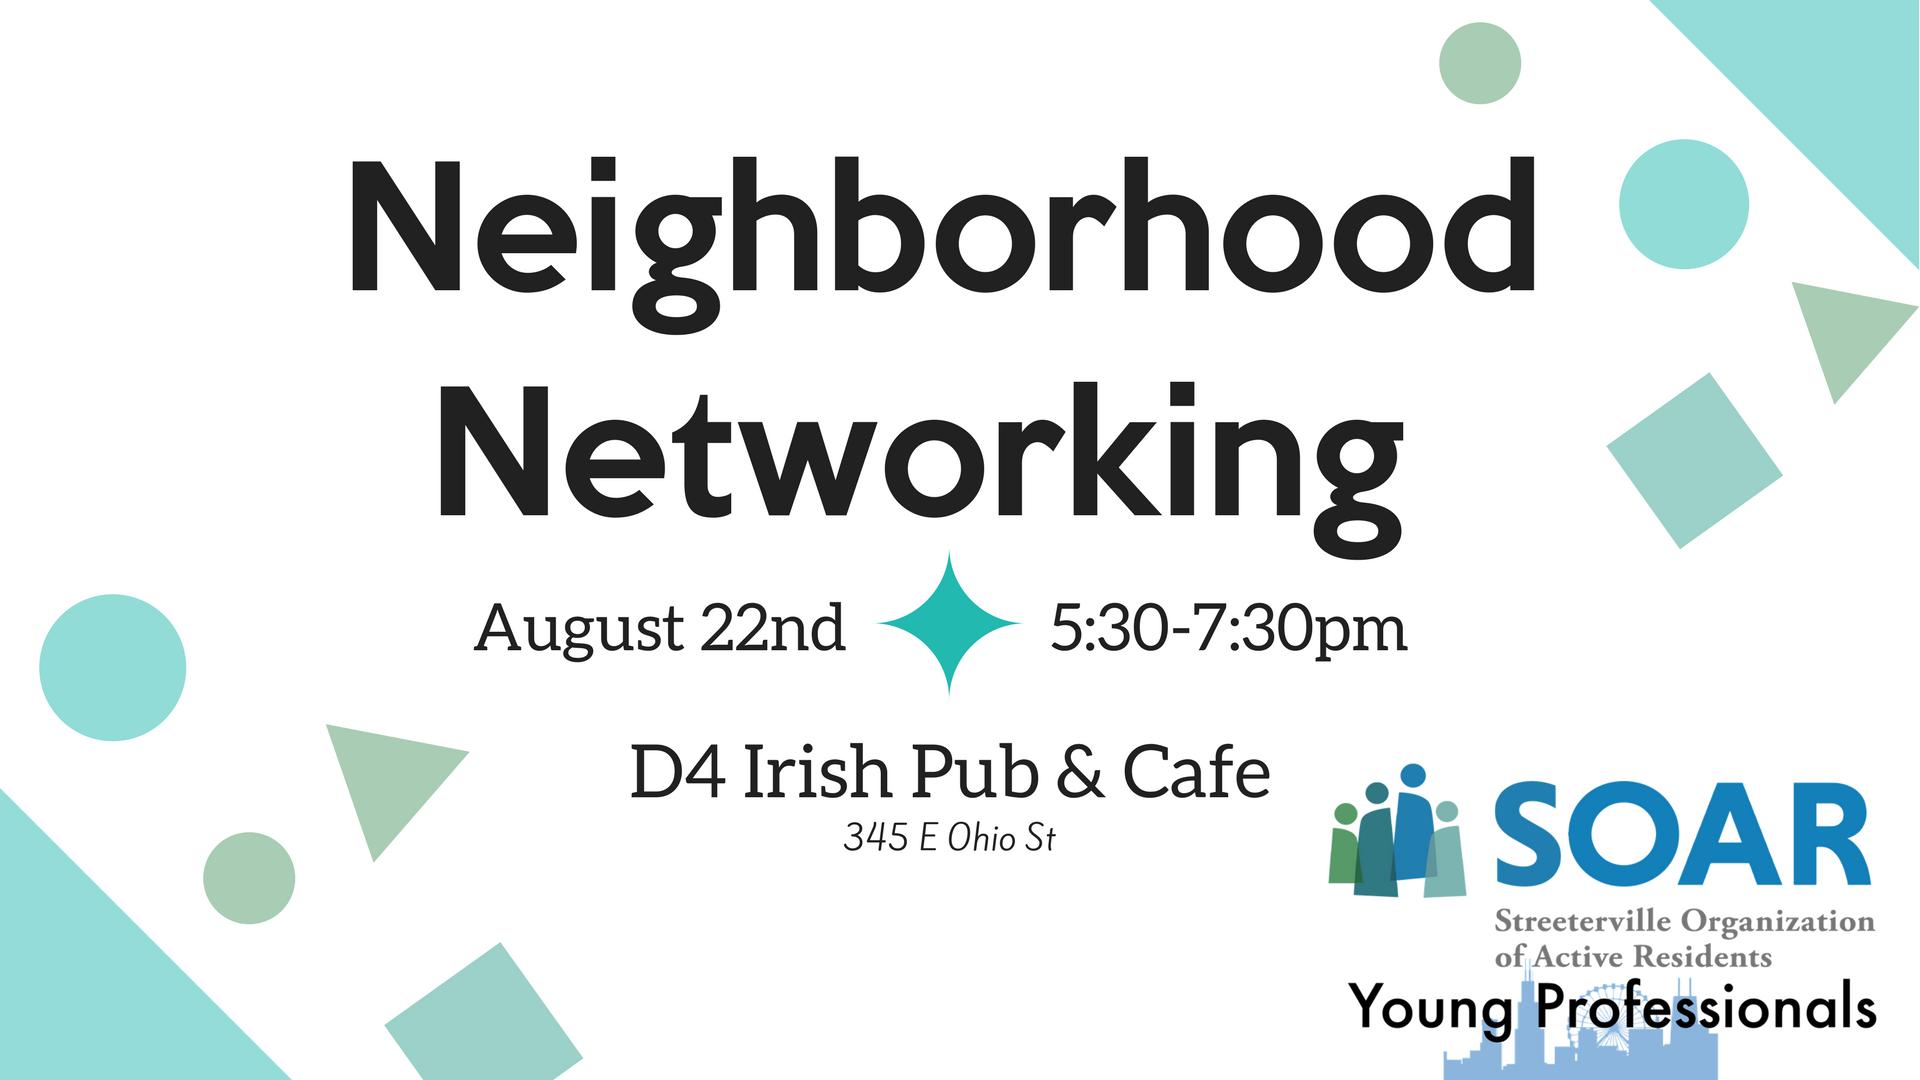 Neighborhood Networking